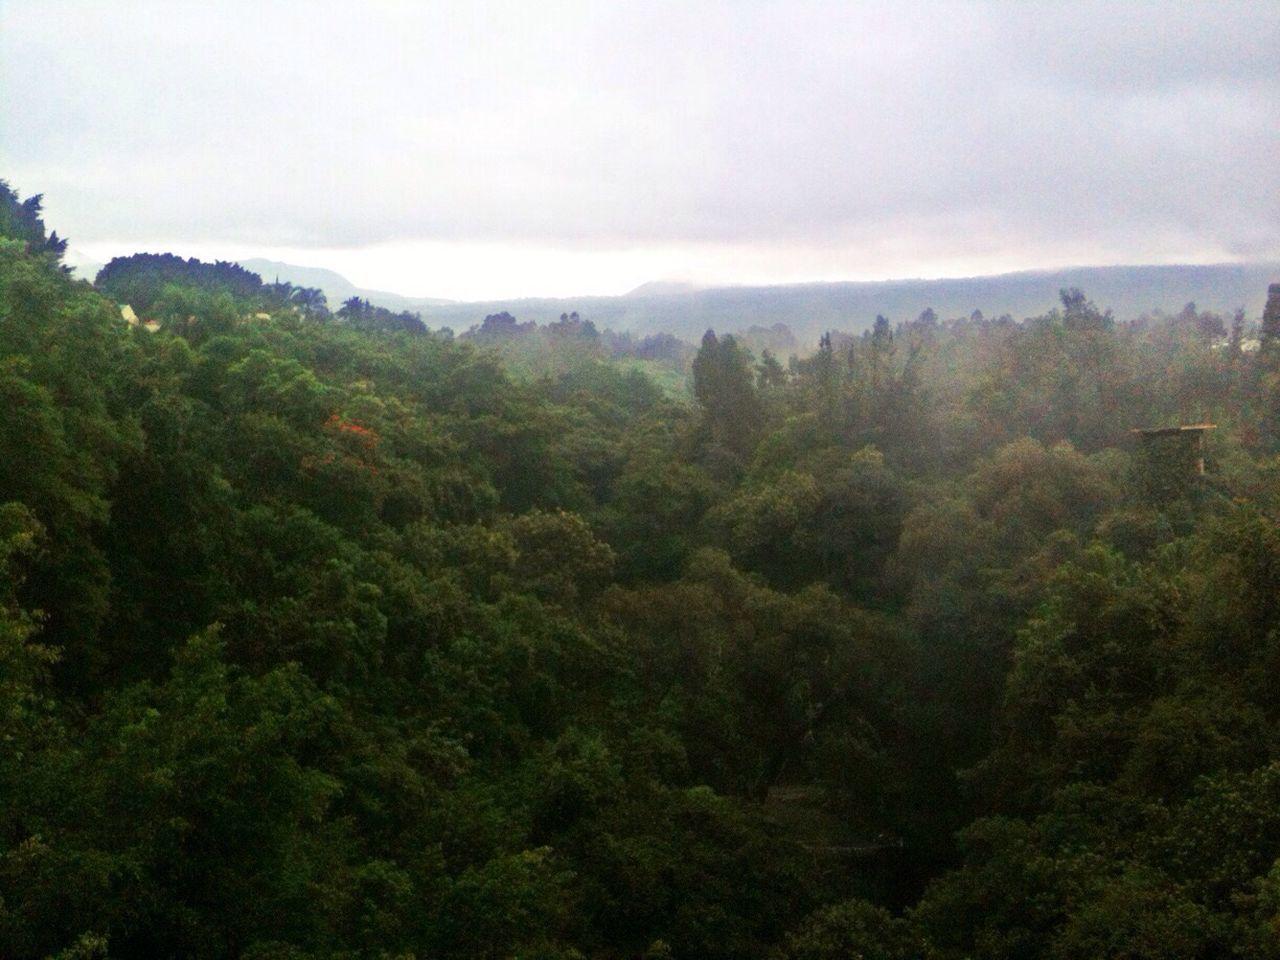 The Calmness Within Horizon Green Nature